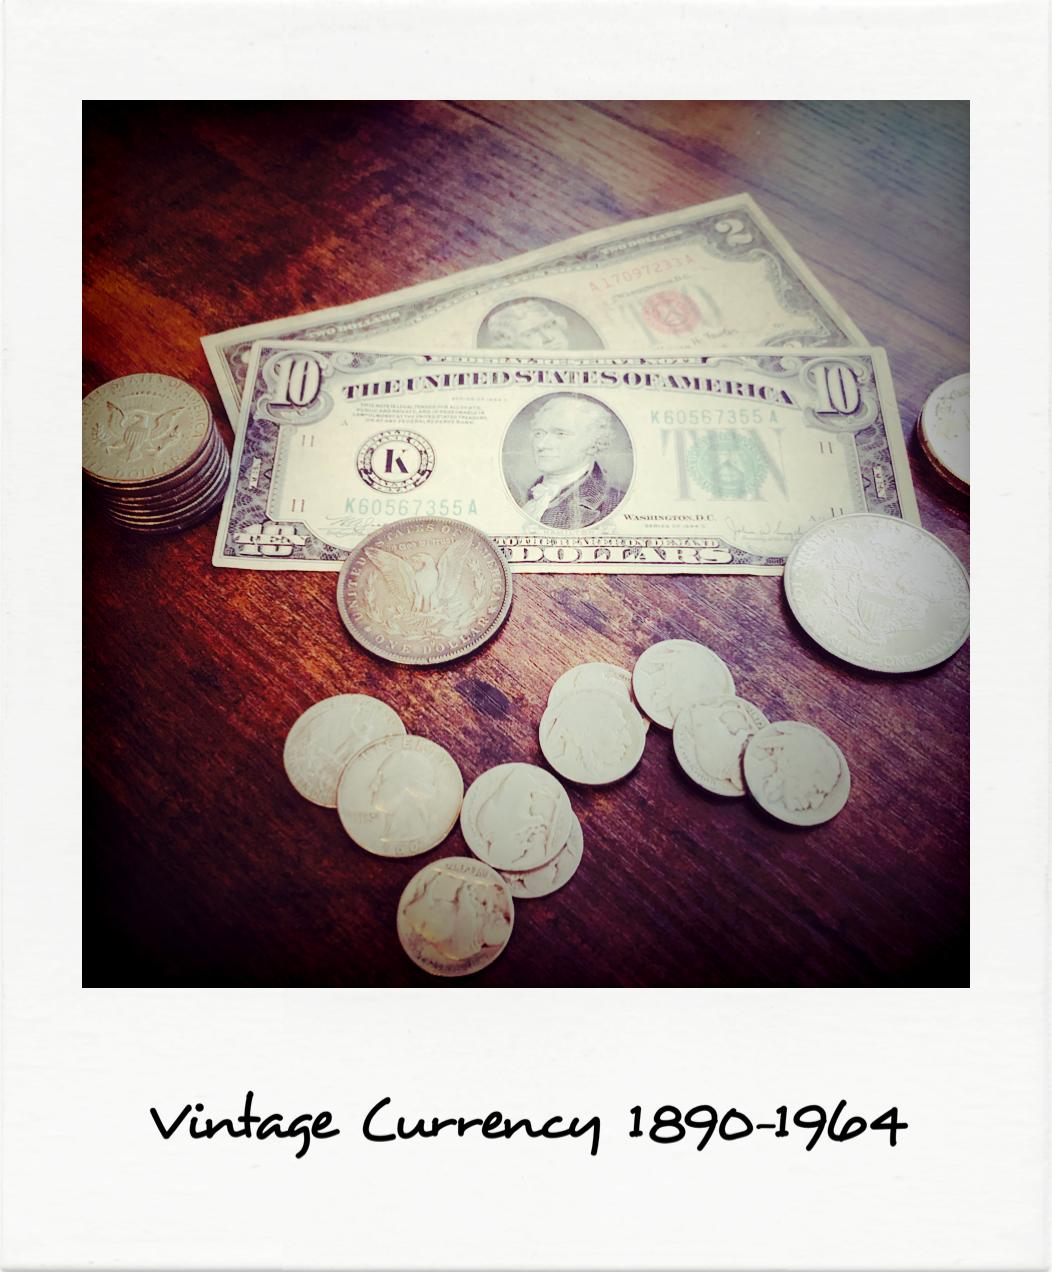 Vintage Currency 1890-1964